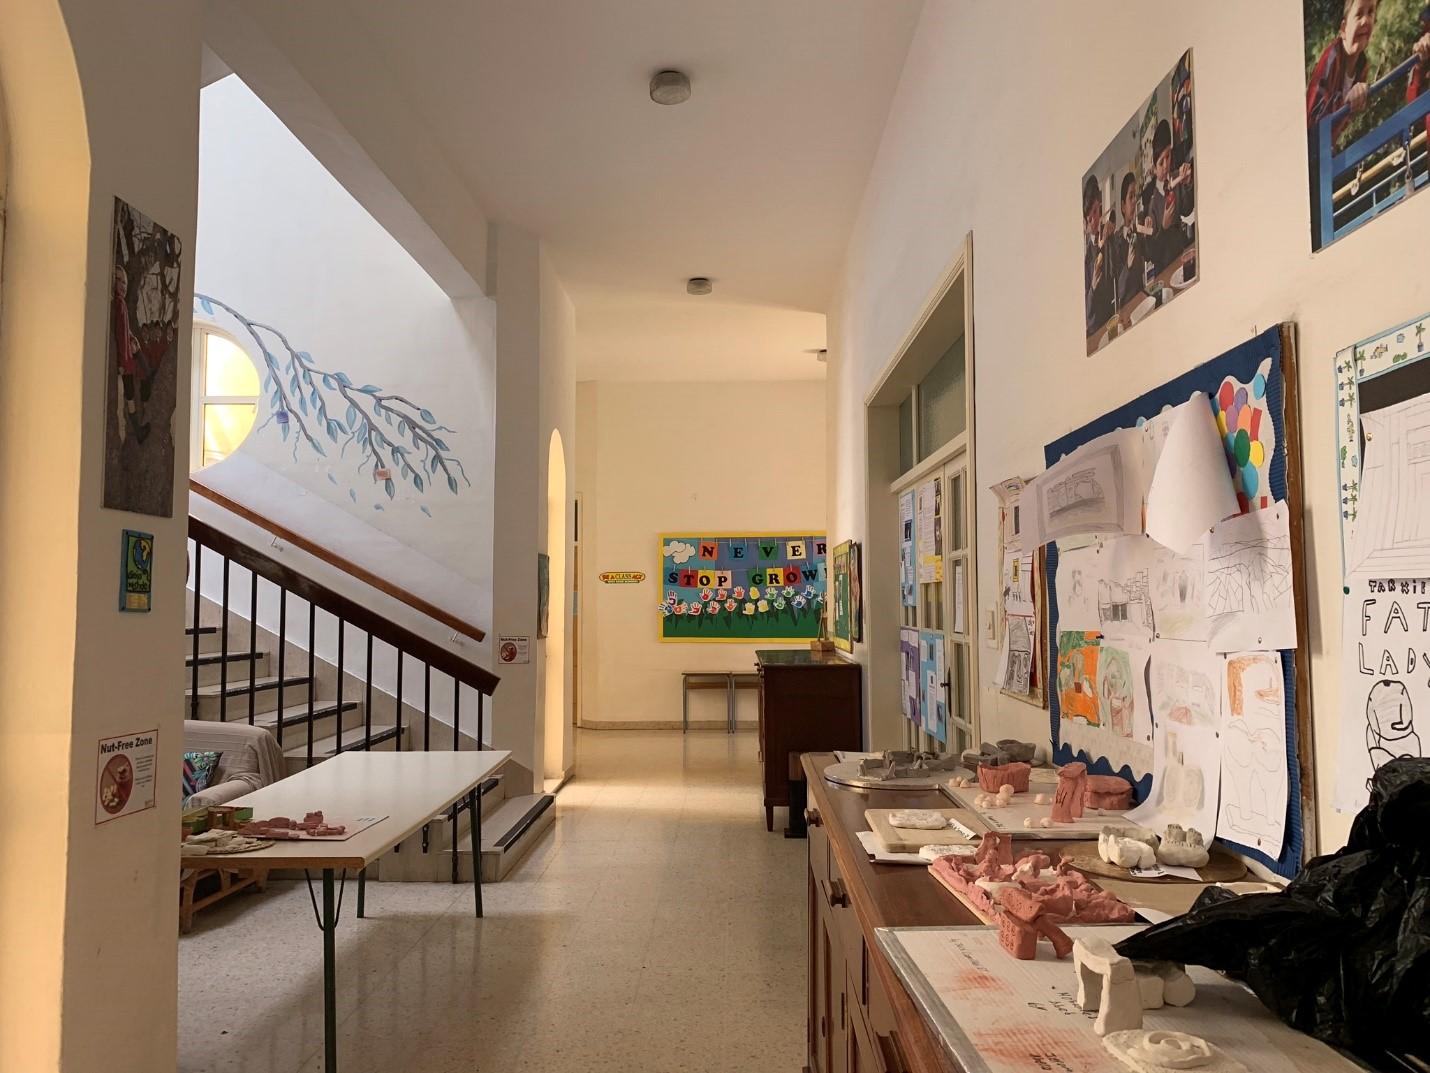 Bên trong một trường tiểu học – Hình trong chuyến khảo sát của NVS